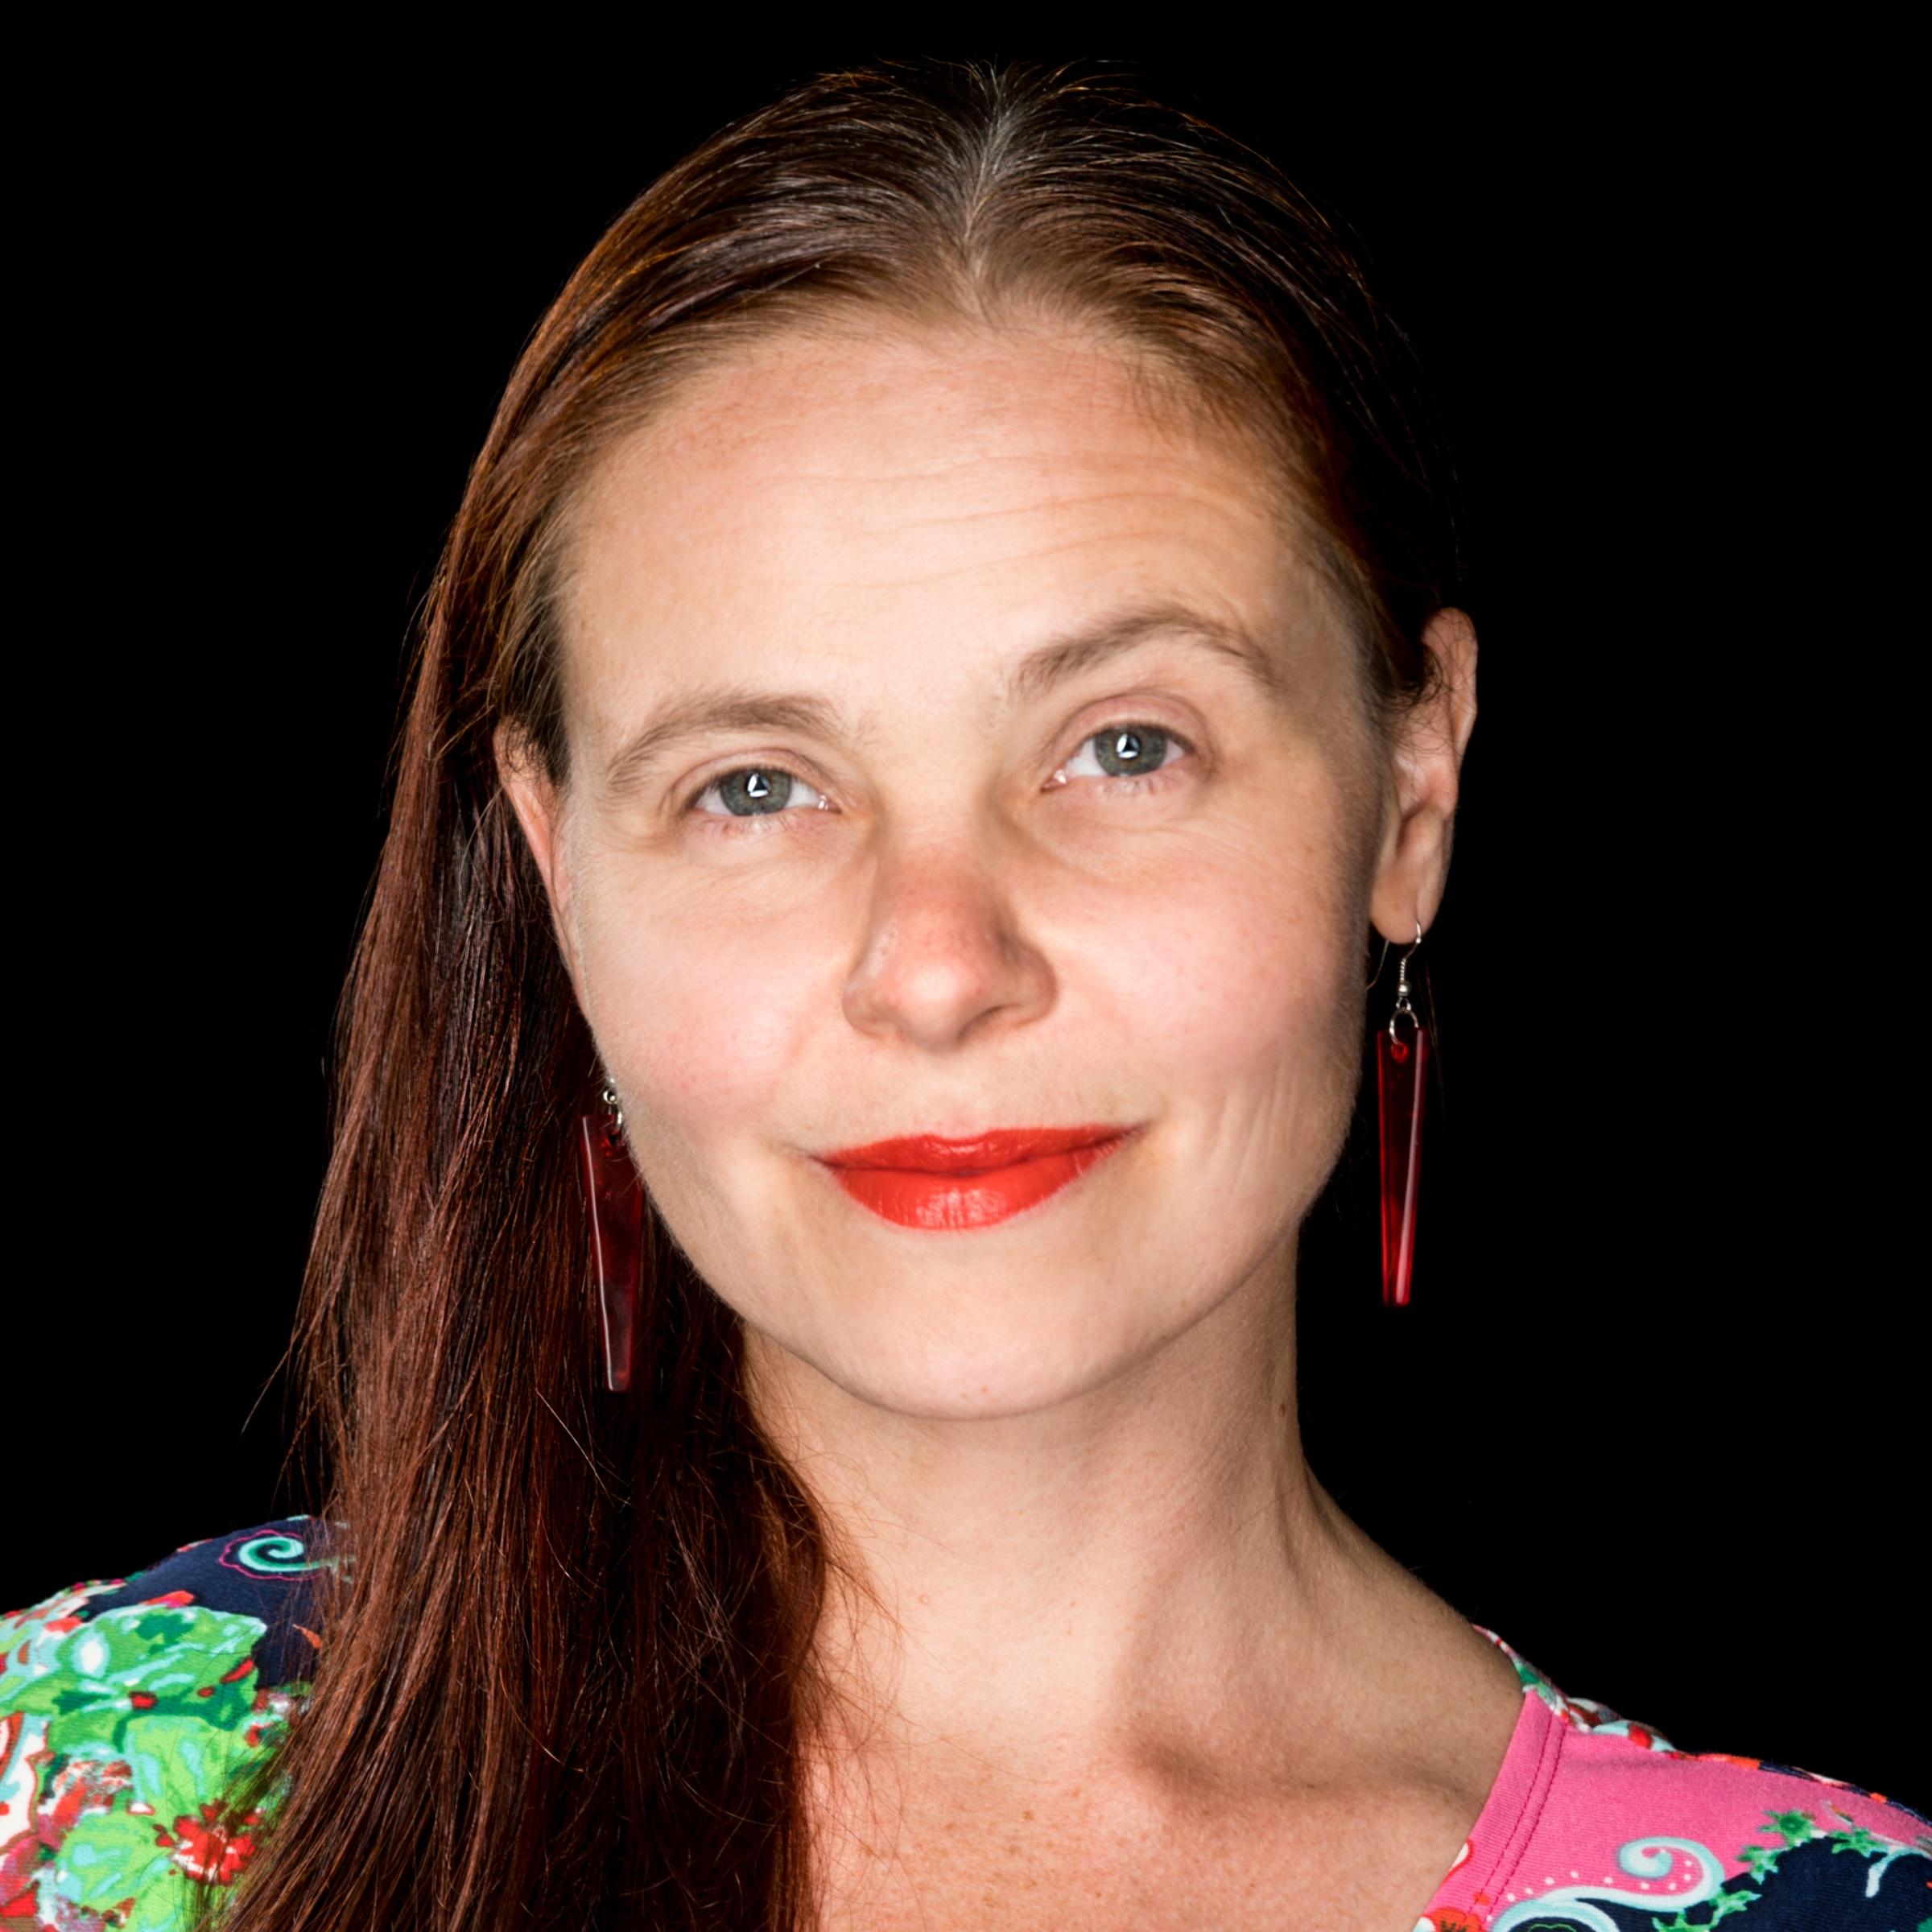 Maura Price, Costume Designer